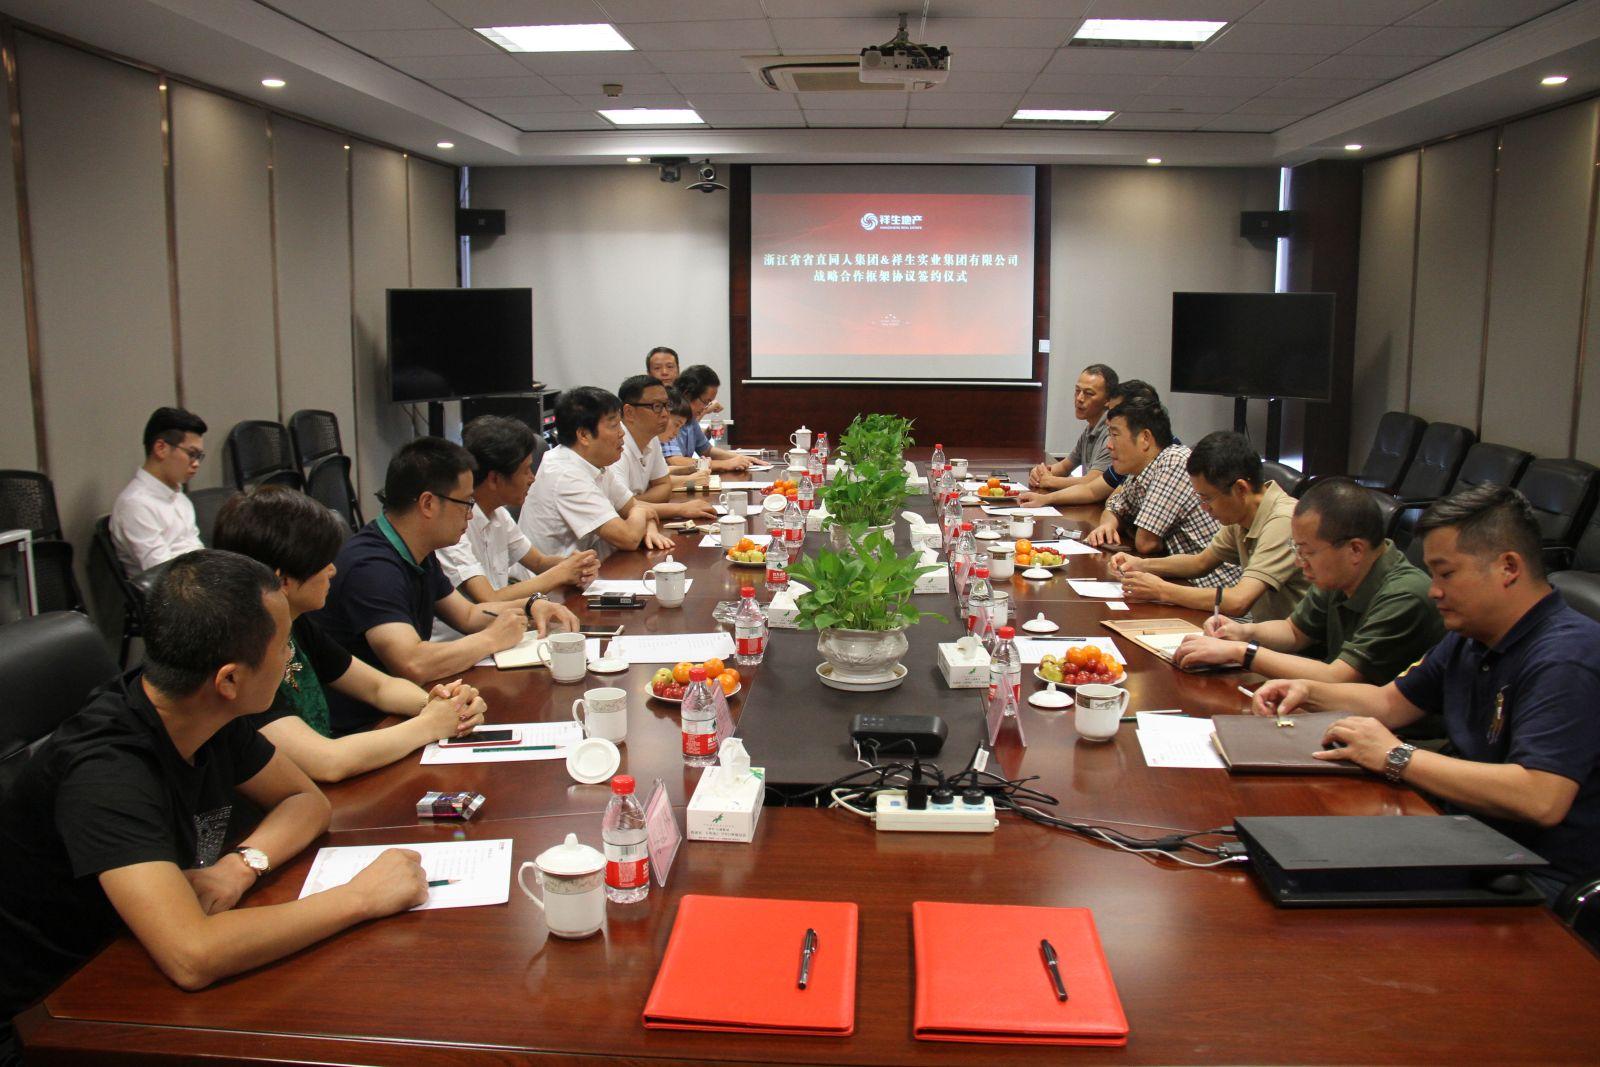 祥生集团与浙江省省直同人集团签署战略合作框架协议